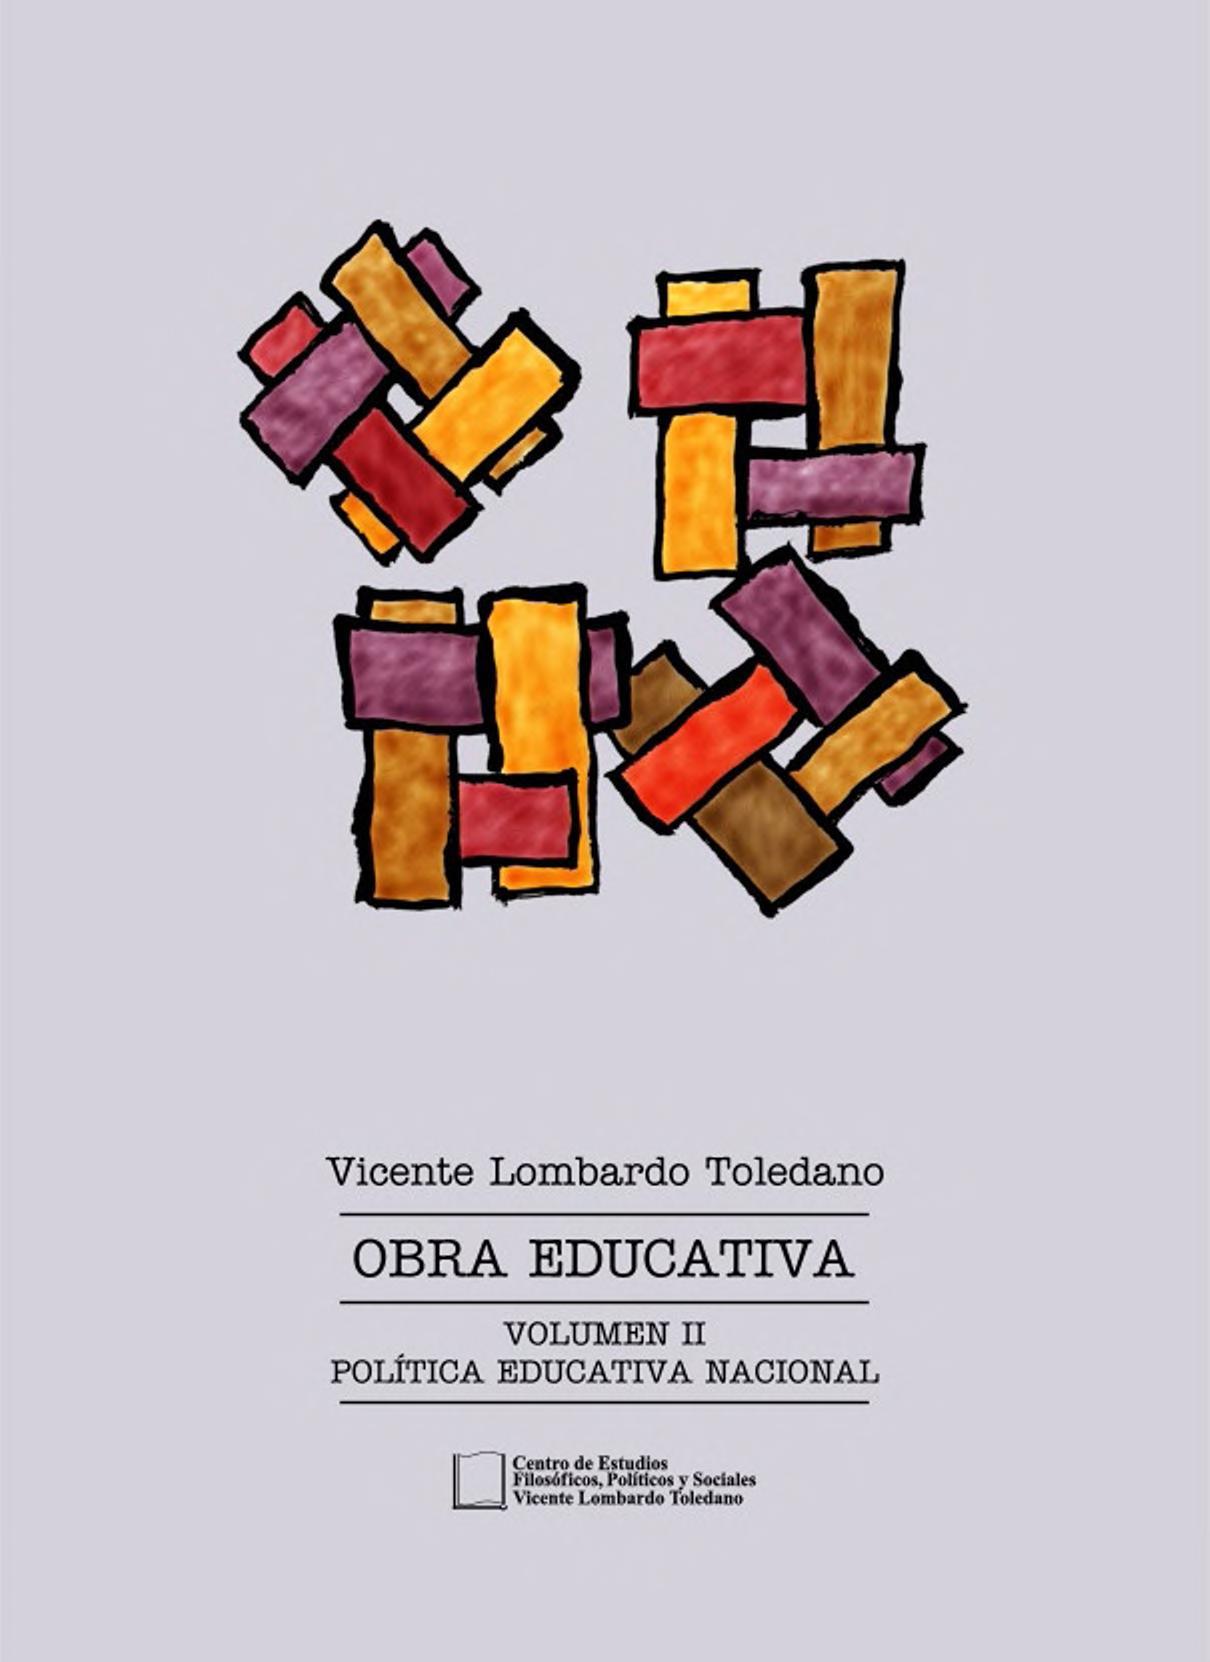 Portada del libro: Obra educativa vol. II: estructura de la educación en México